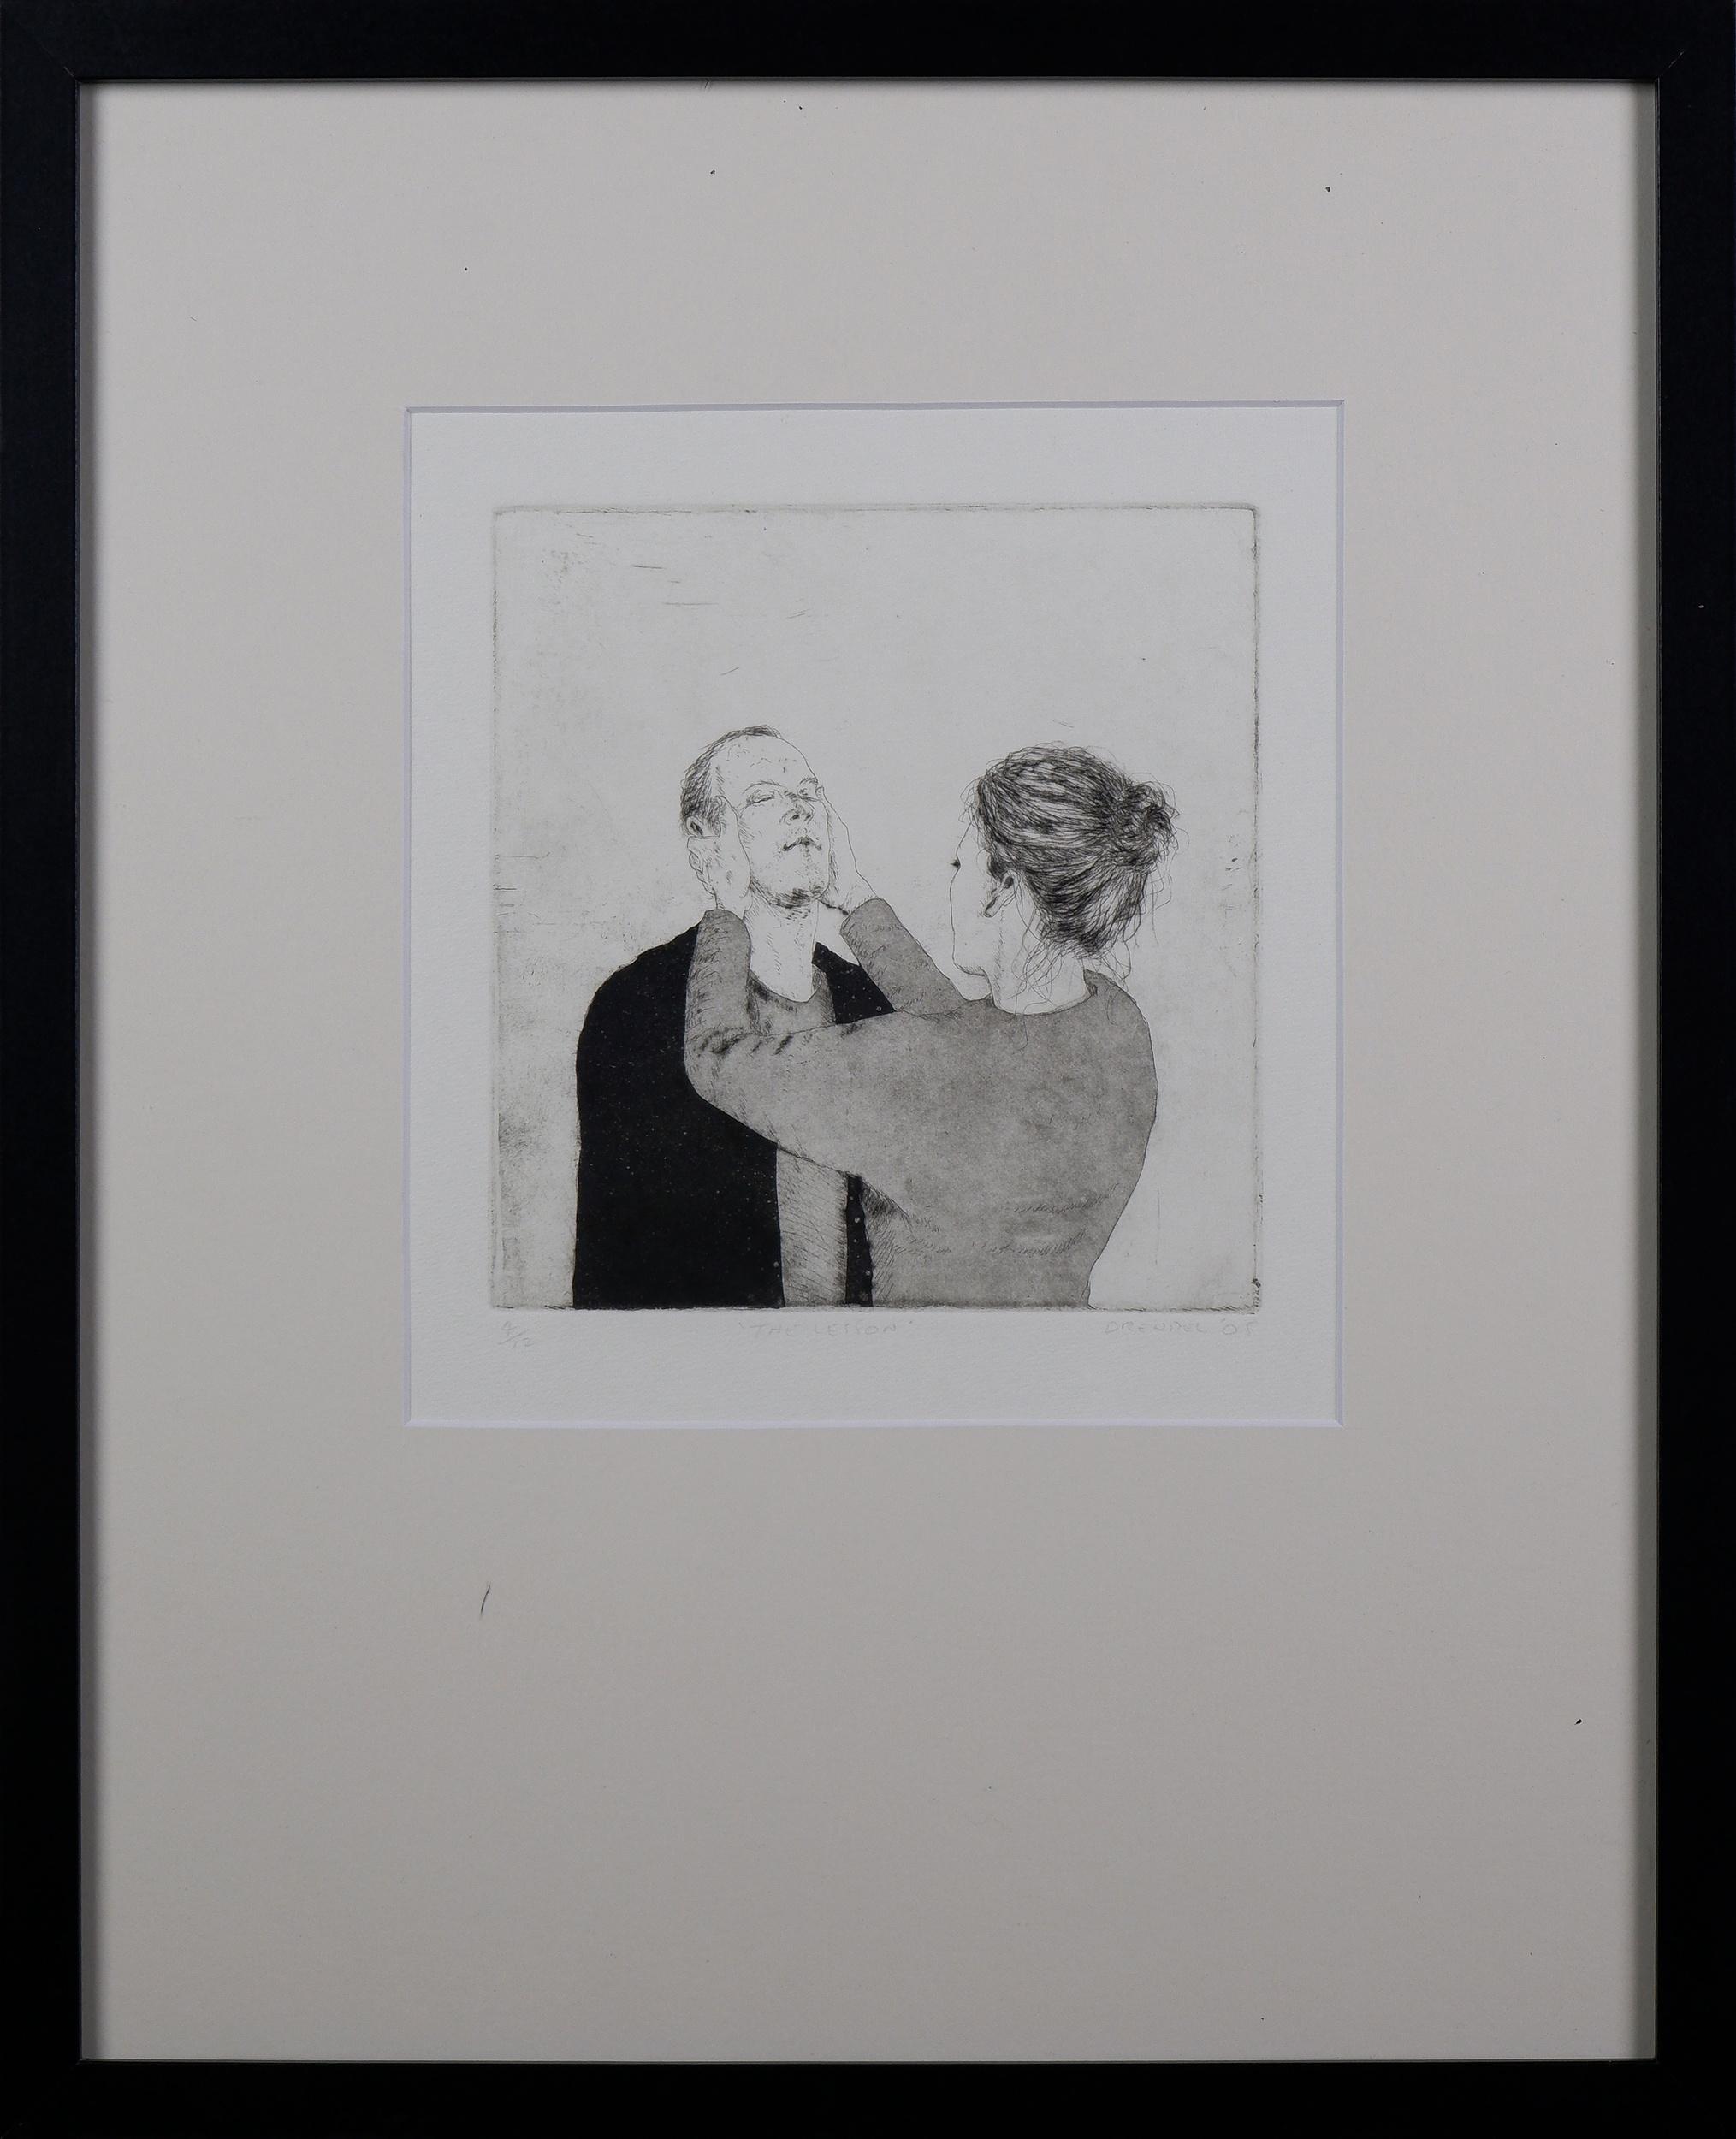 'Graeme Drendel (born 1953), The Lesson 2005, Etching, 19.5 x 18.5 cm (image size)'